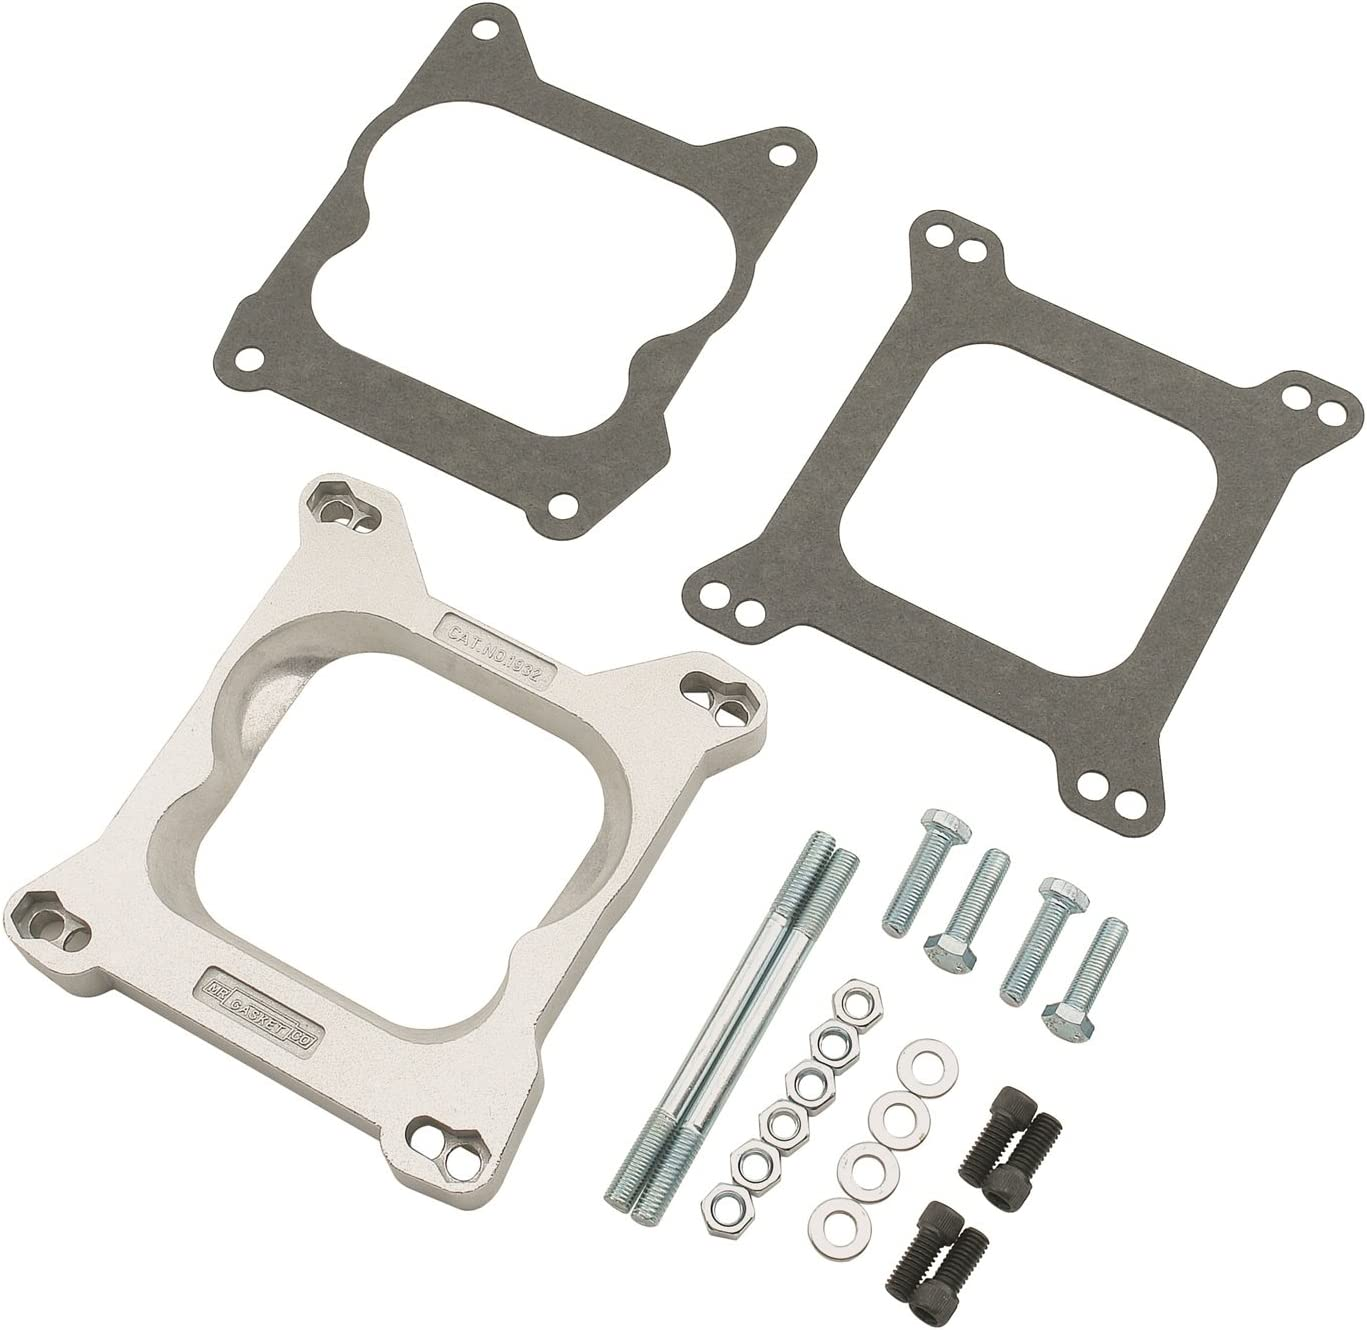 Mr. Gasket Carburetor Adapter Kit 4Bbl To 4Bbl, Silver